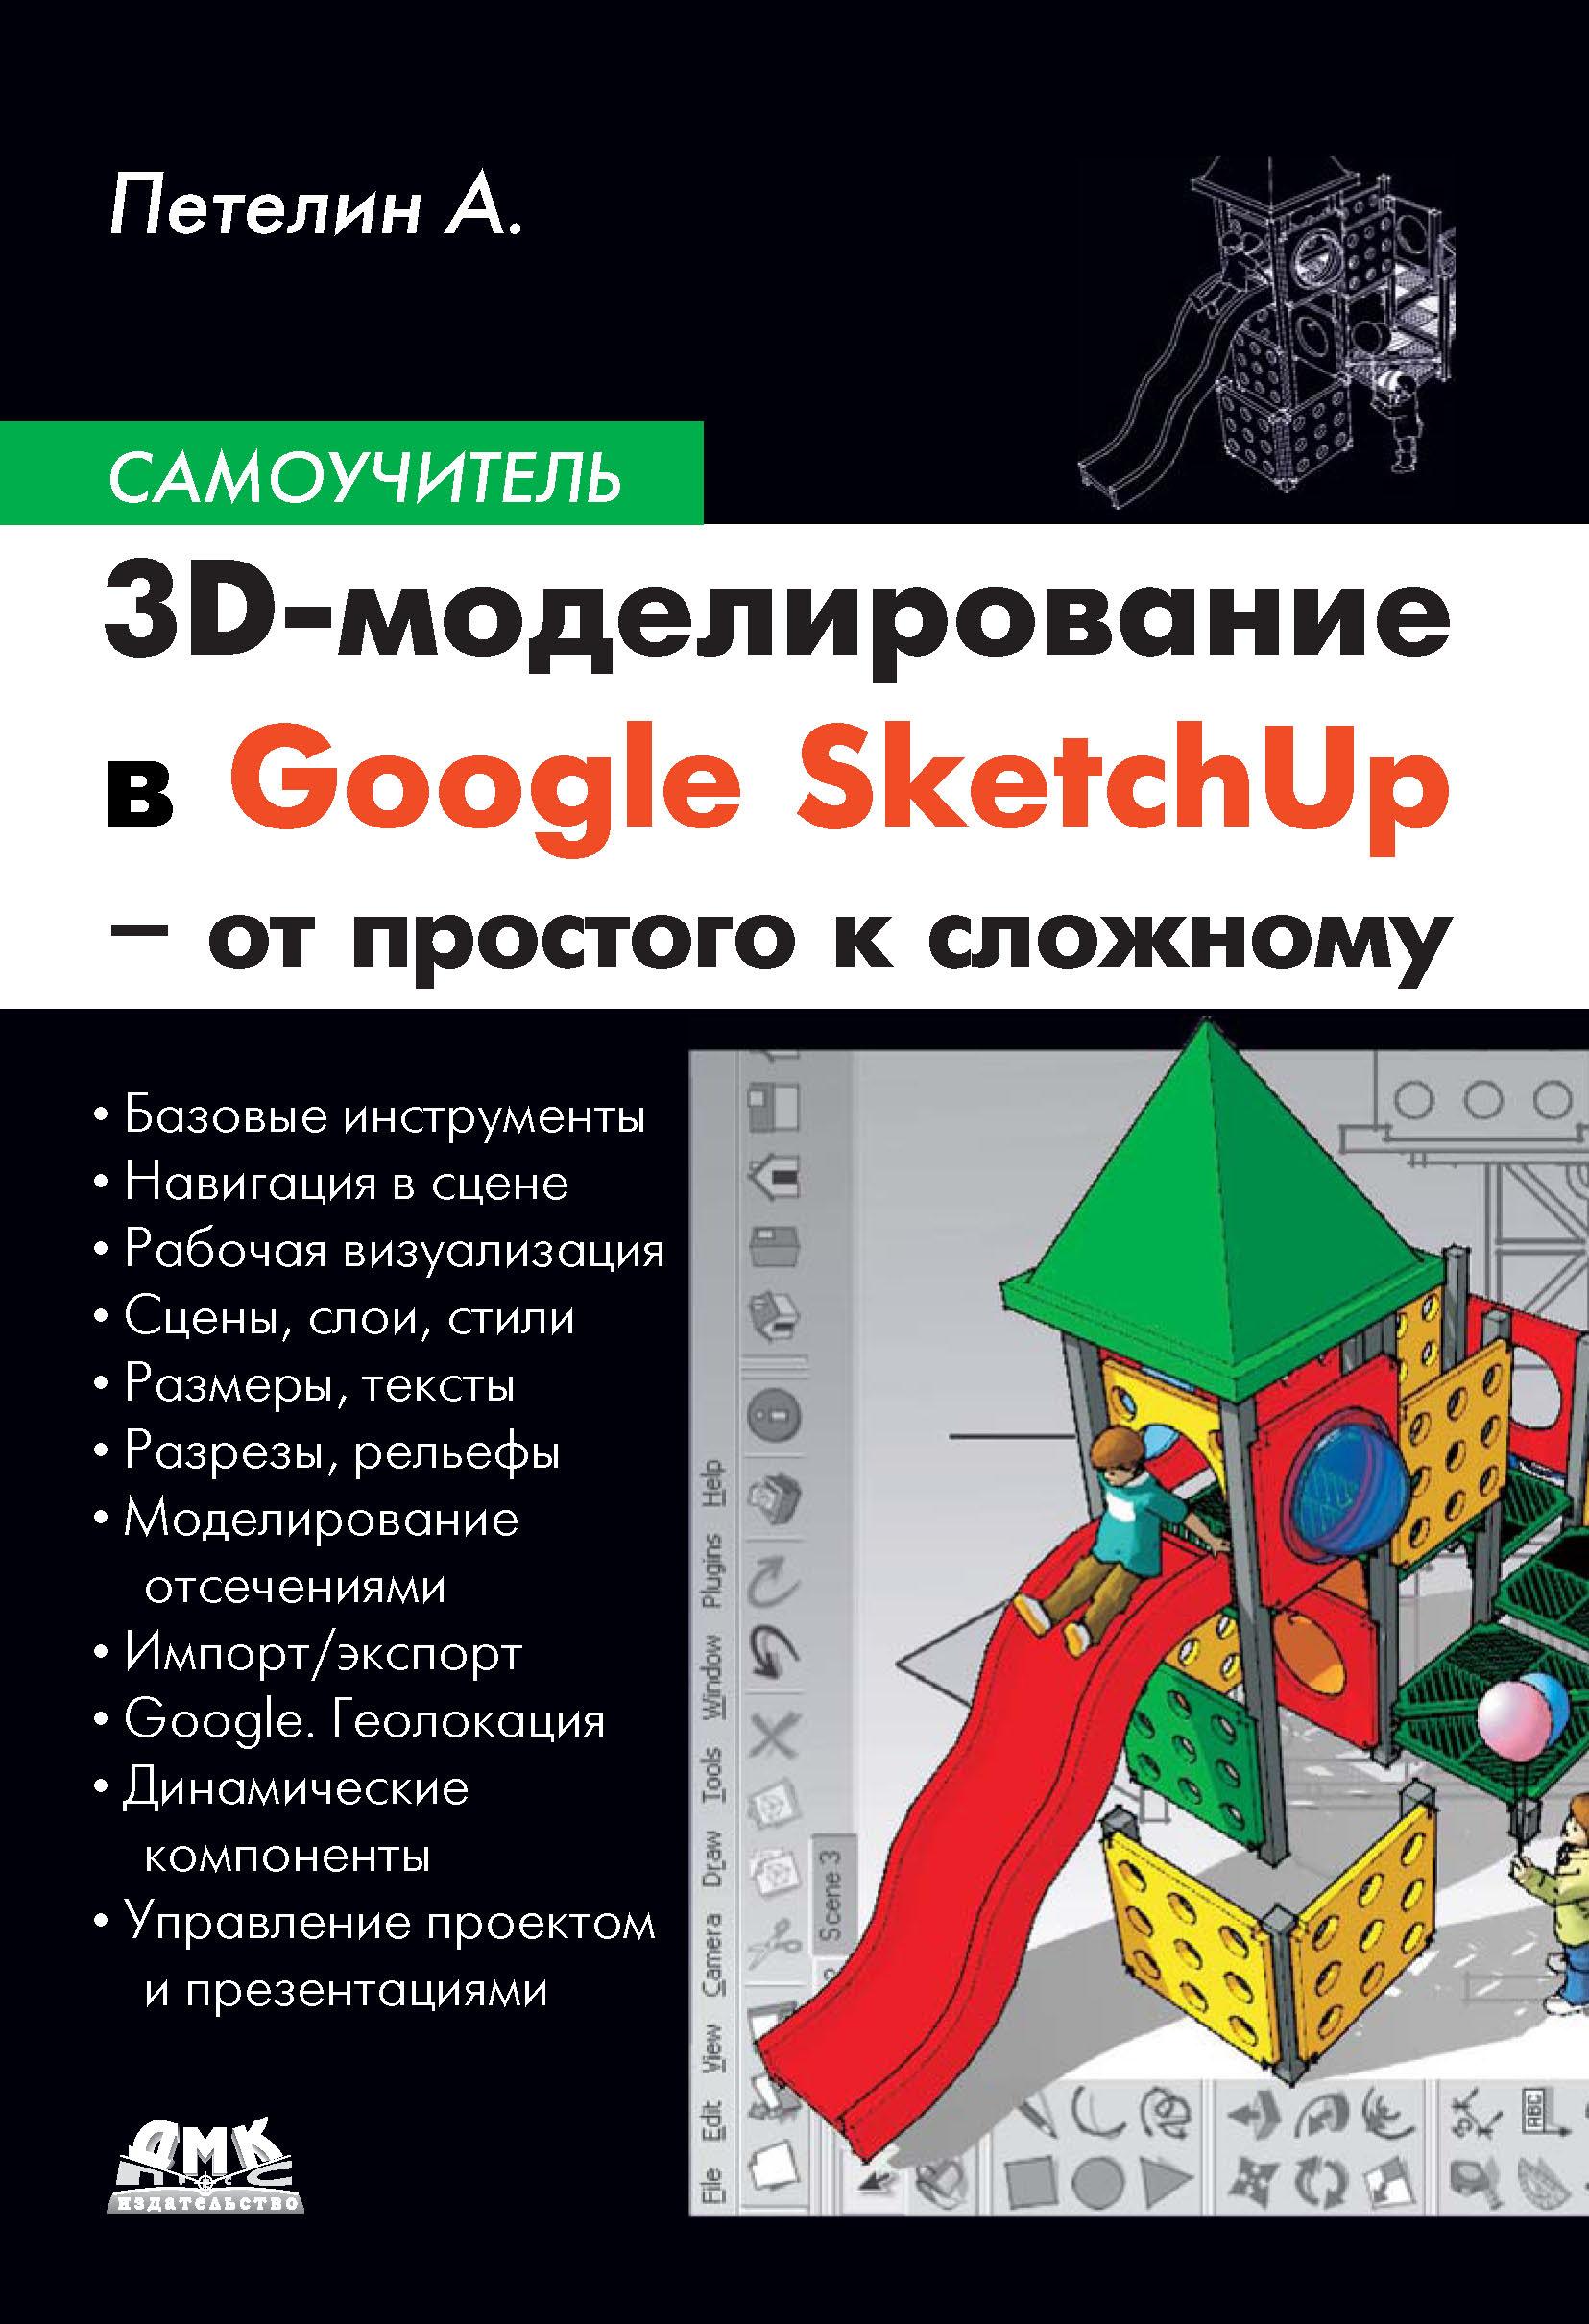 Александр Петелин 3D-моделирование в Google SketchUp – от простого к сложному проектируем интерьер сами sweet home 3d floorplan 3d google sketchup и ikea home planner